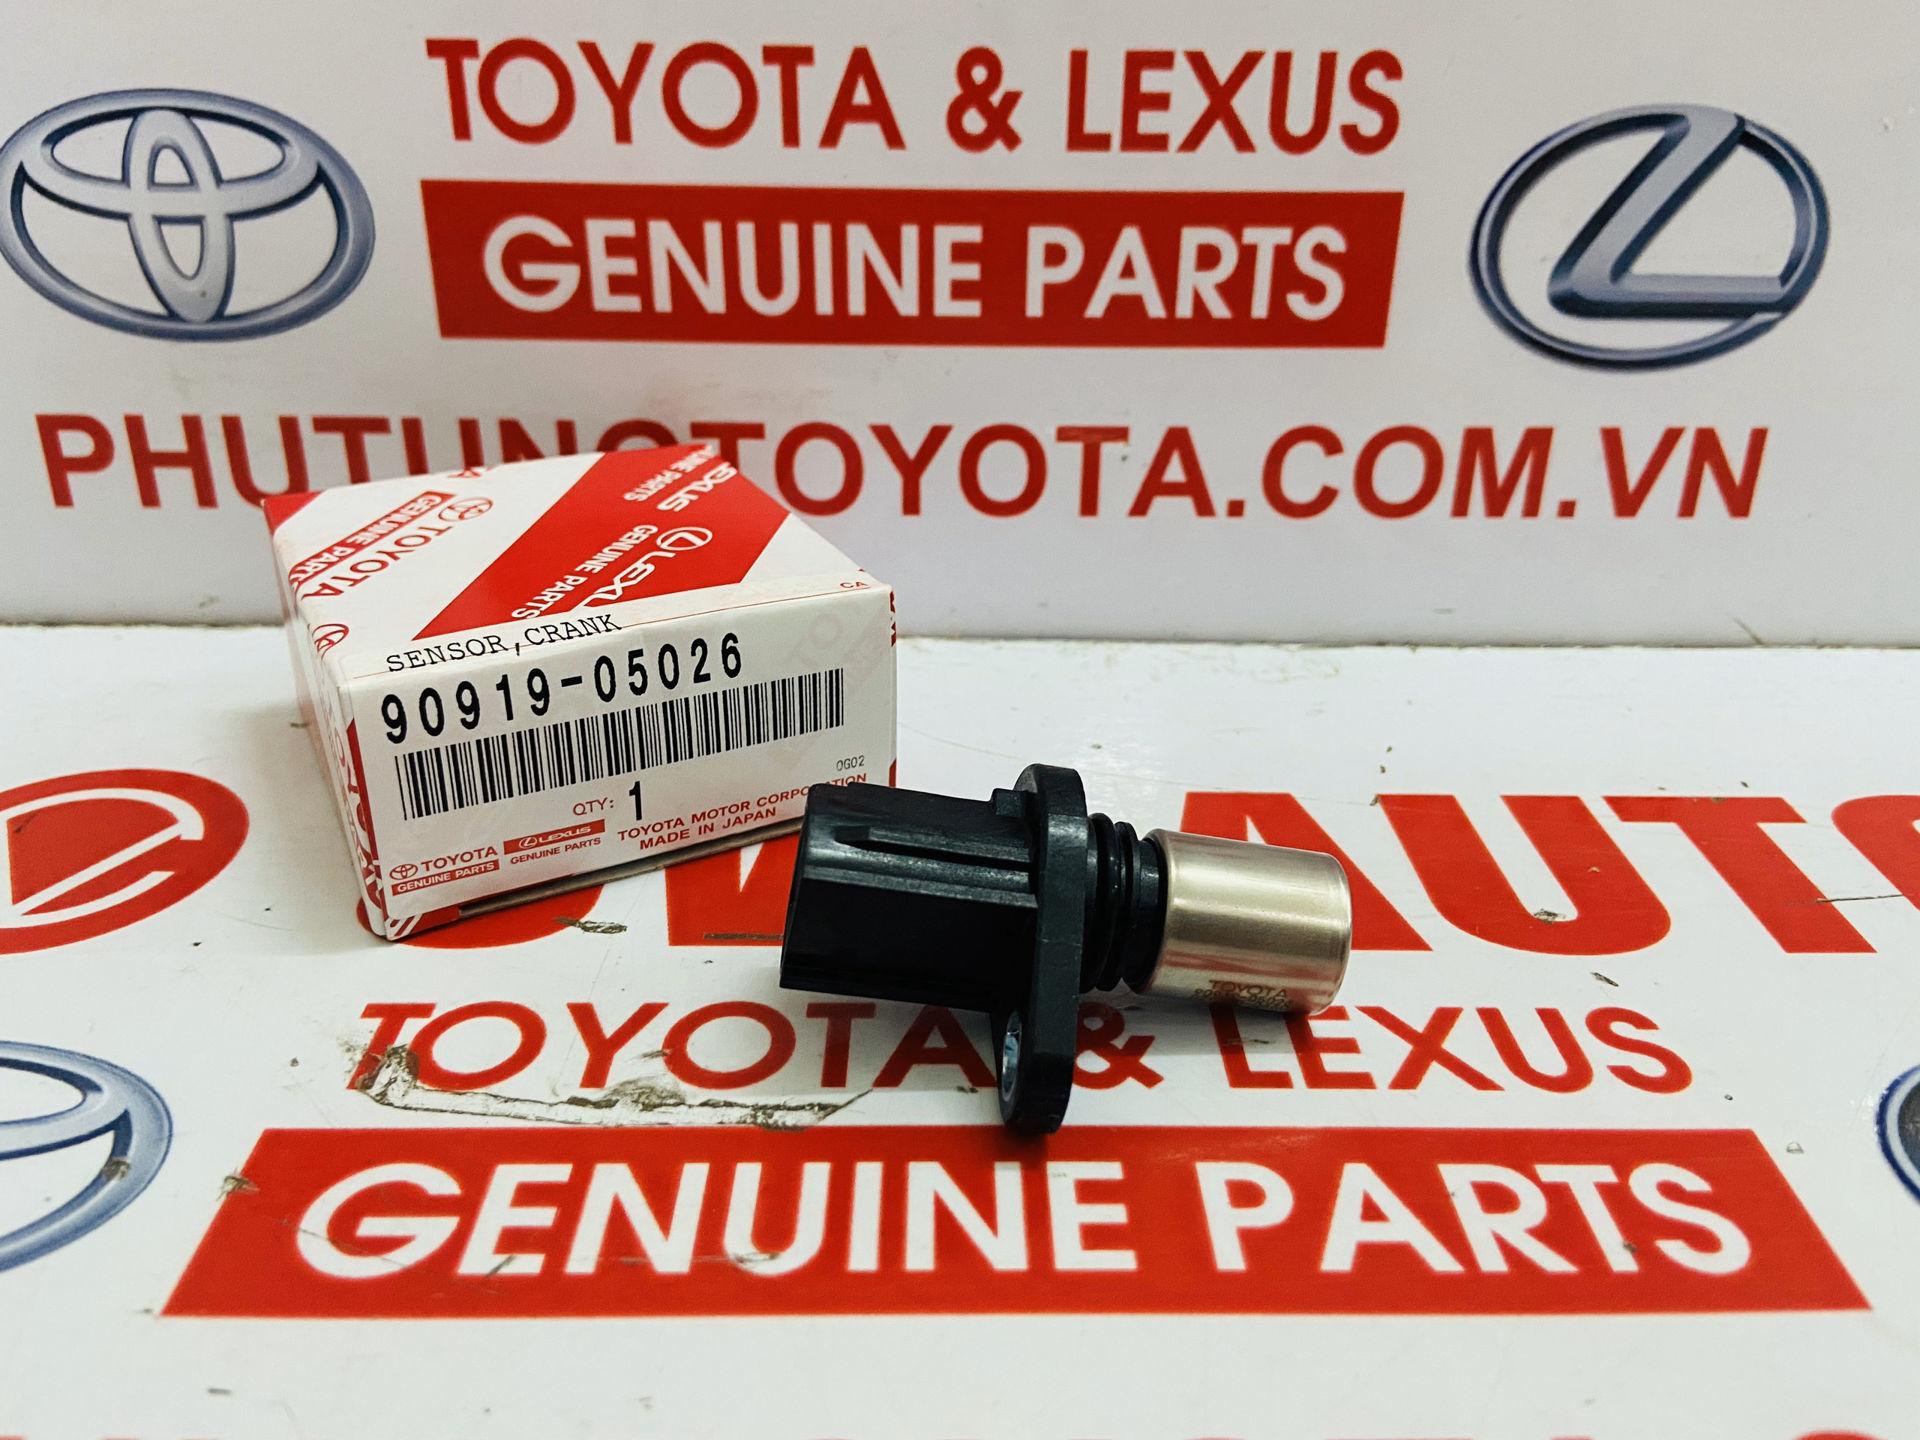 Picture of 90919-05026, 9091905026 Cảm biến vị trí trục cam Toyota Camry, Corolla Altis chính hãng